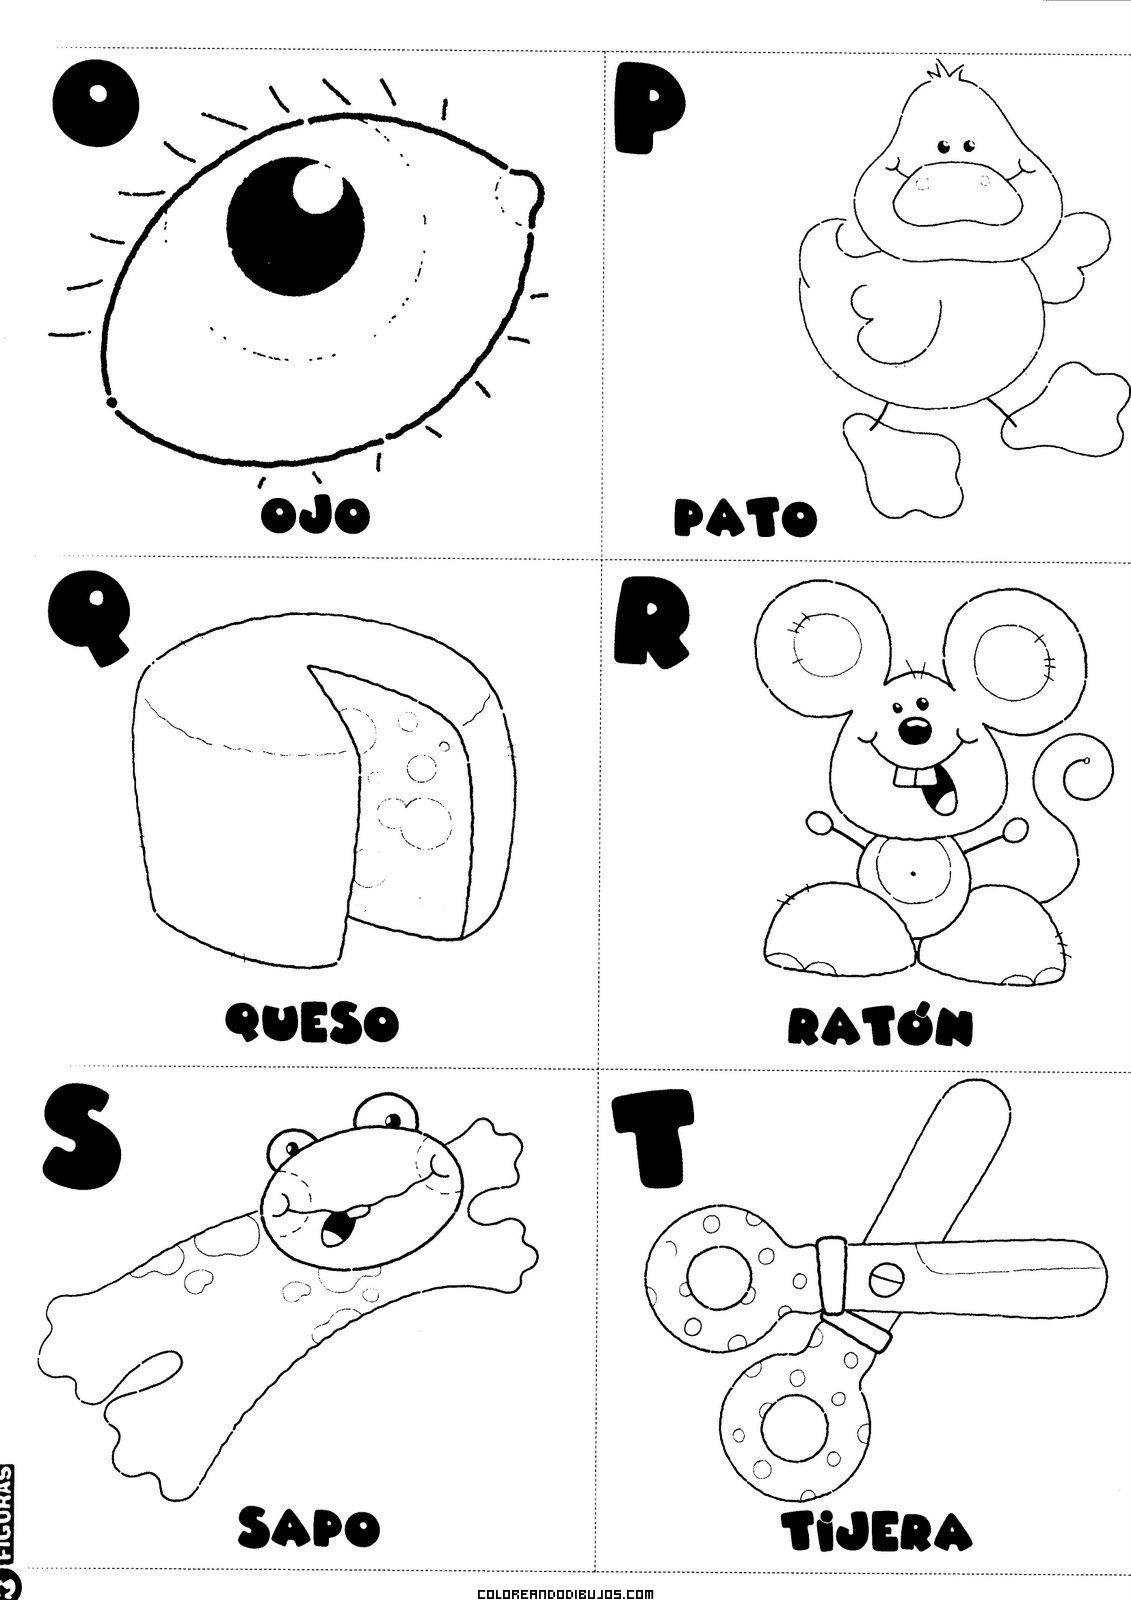 Letras O P Q R S T Para Colorear Dibujos Para Colorear